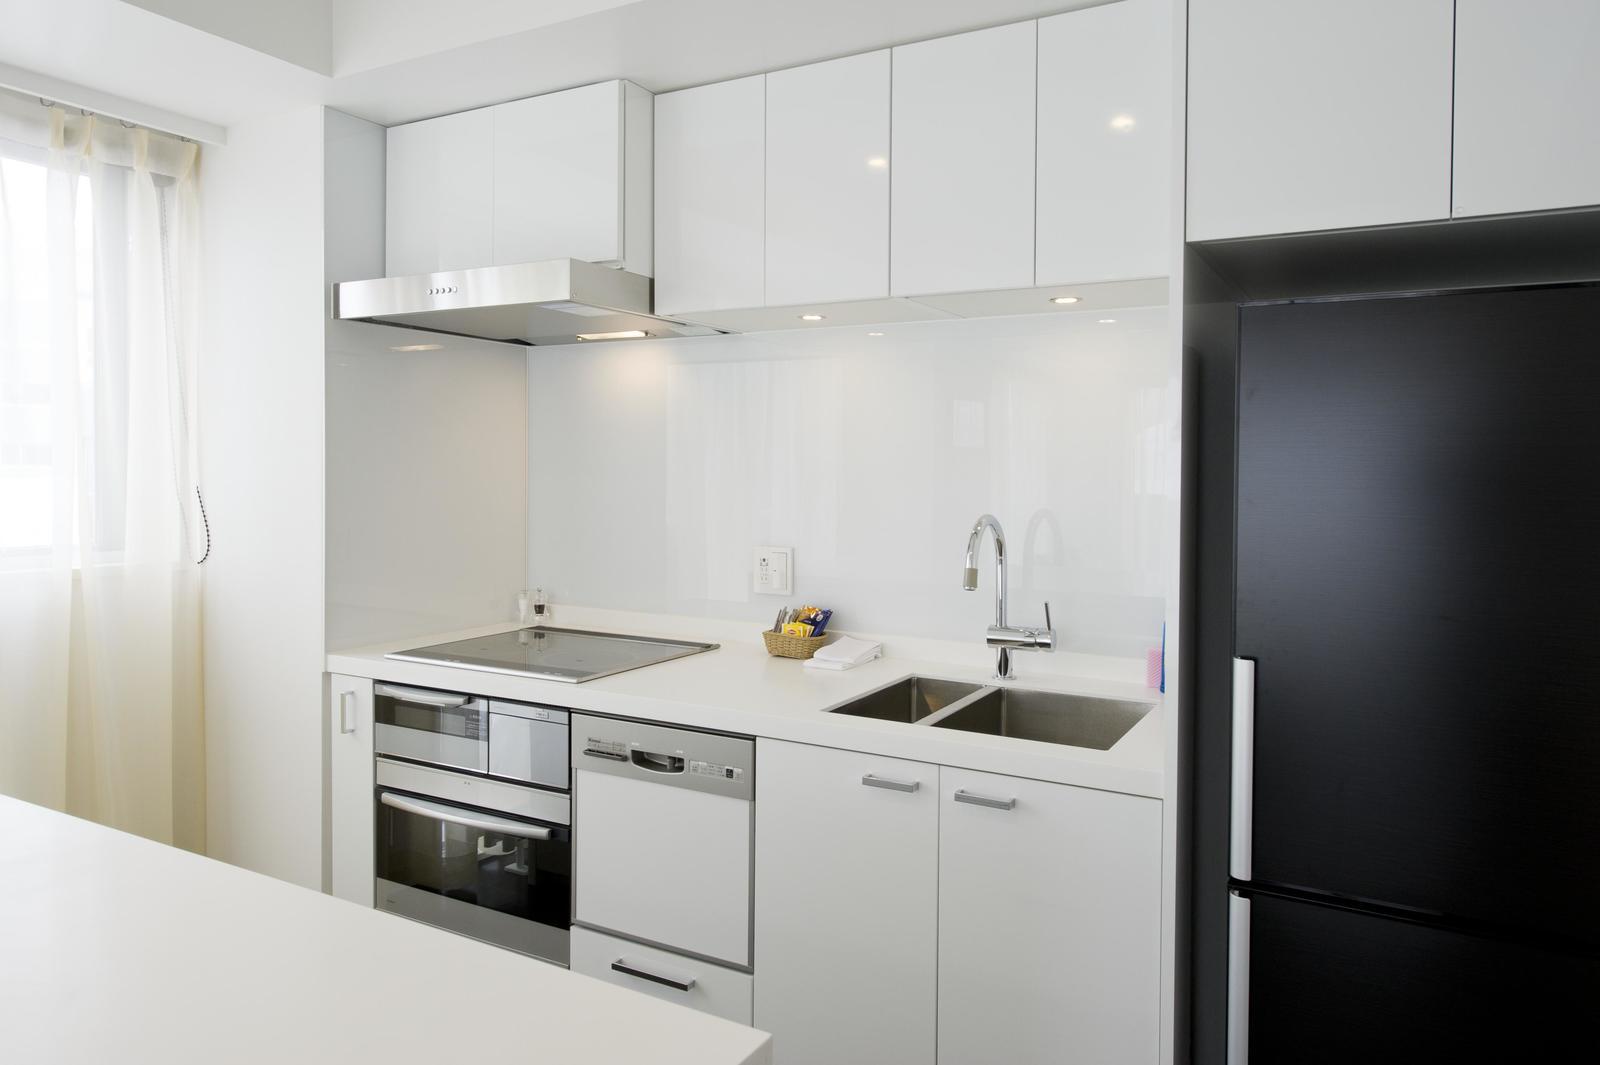 Kizuna 2 bedroom deluxe apartment kitchen large